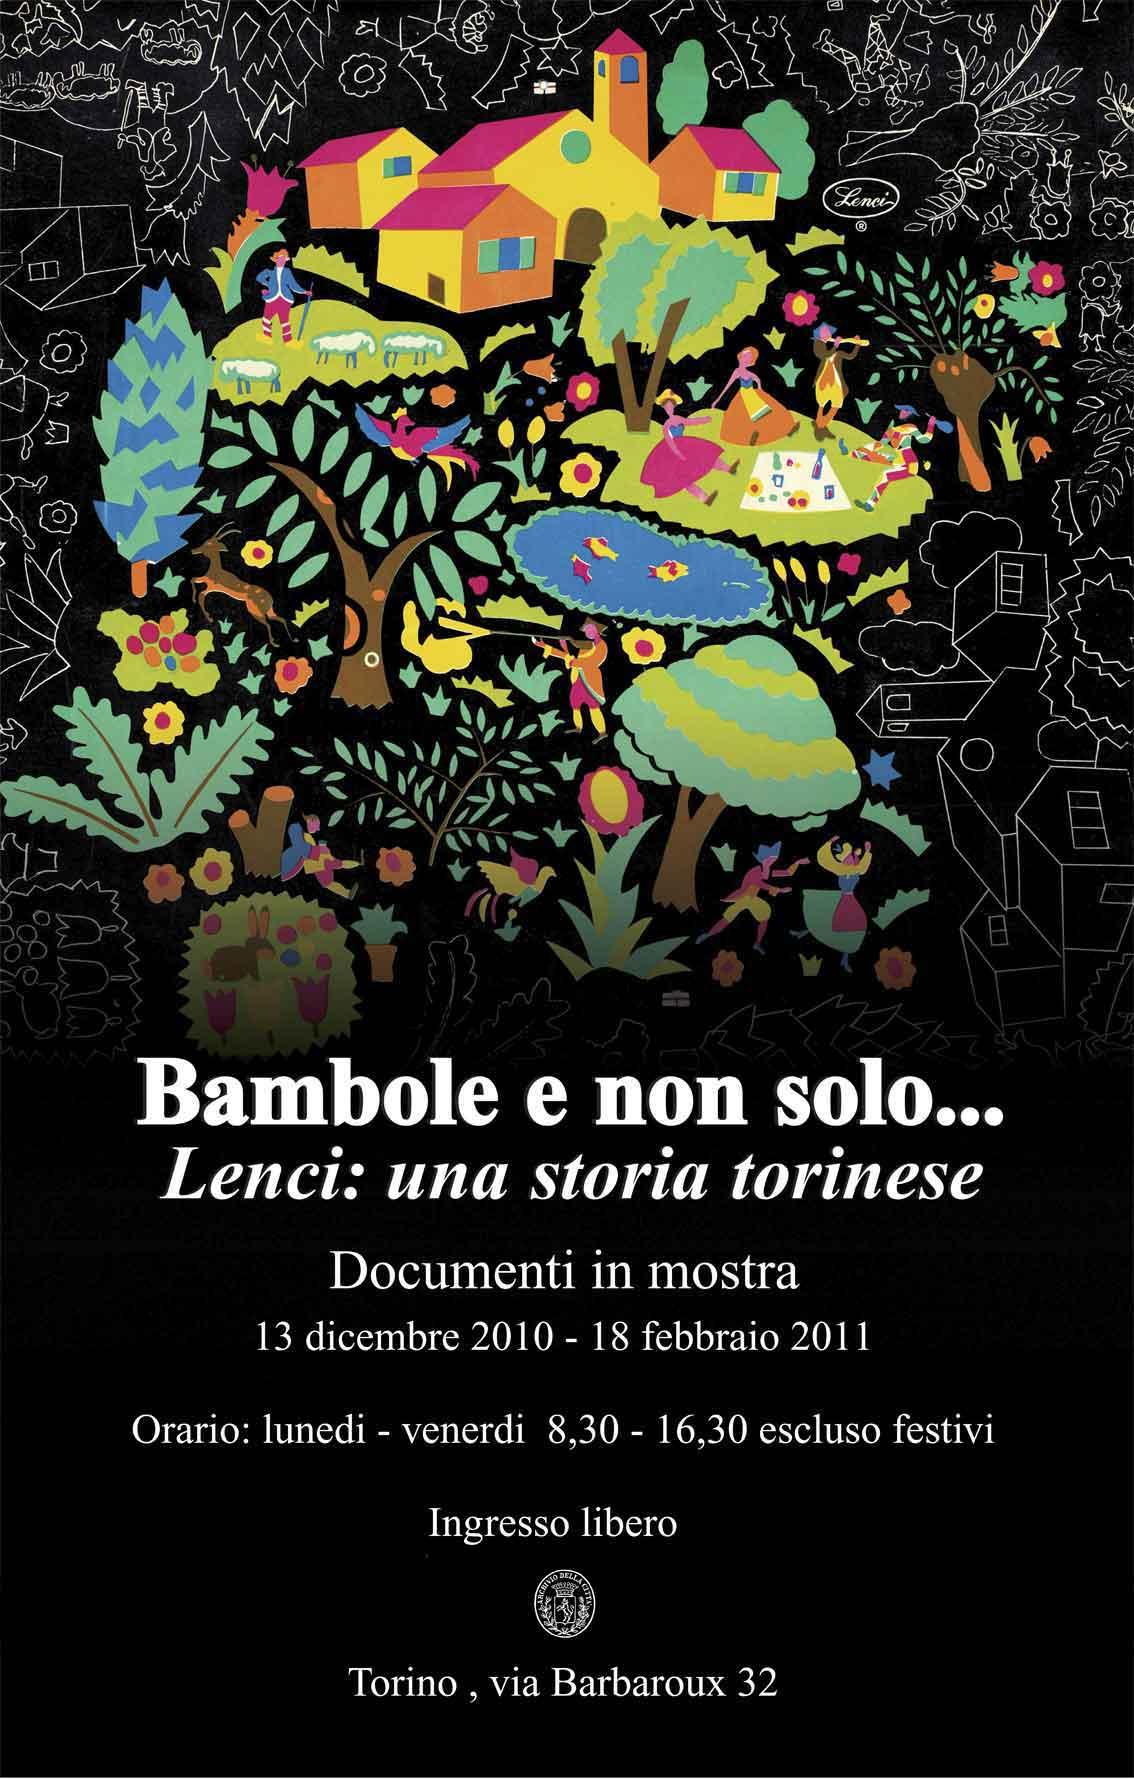 Estremamente Archivio Storico della Città di Torino FV28